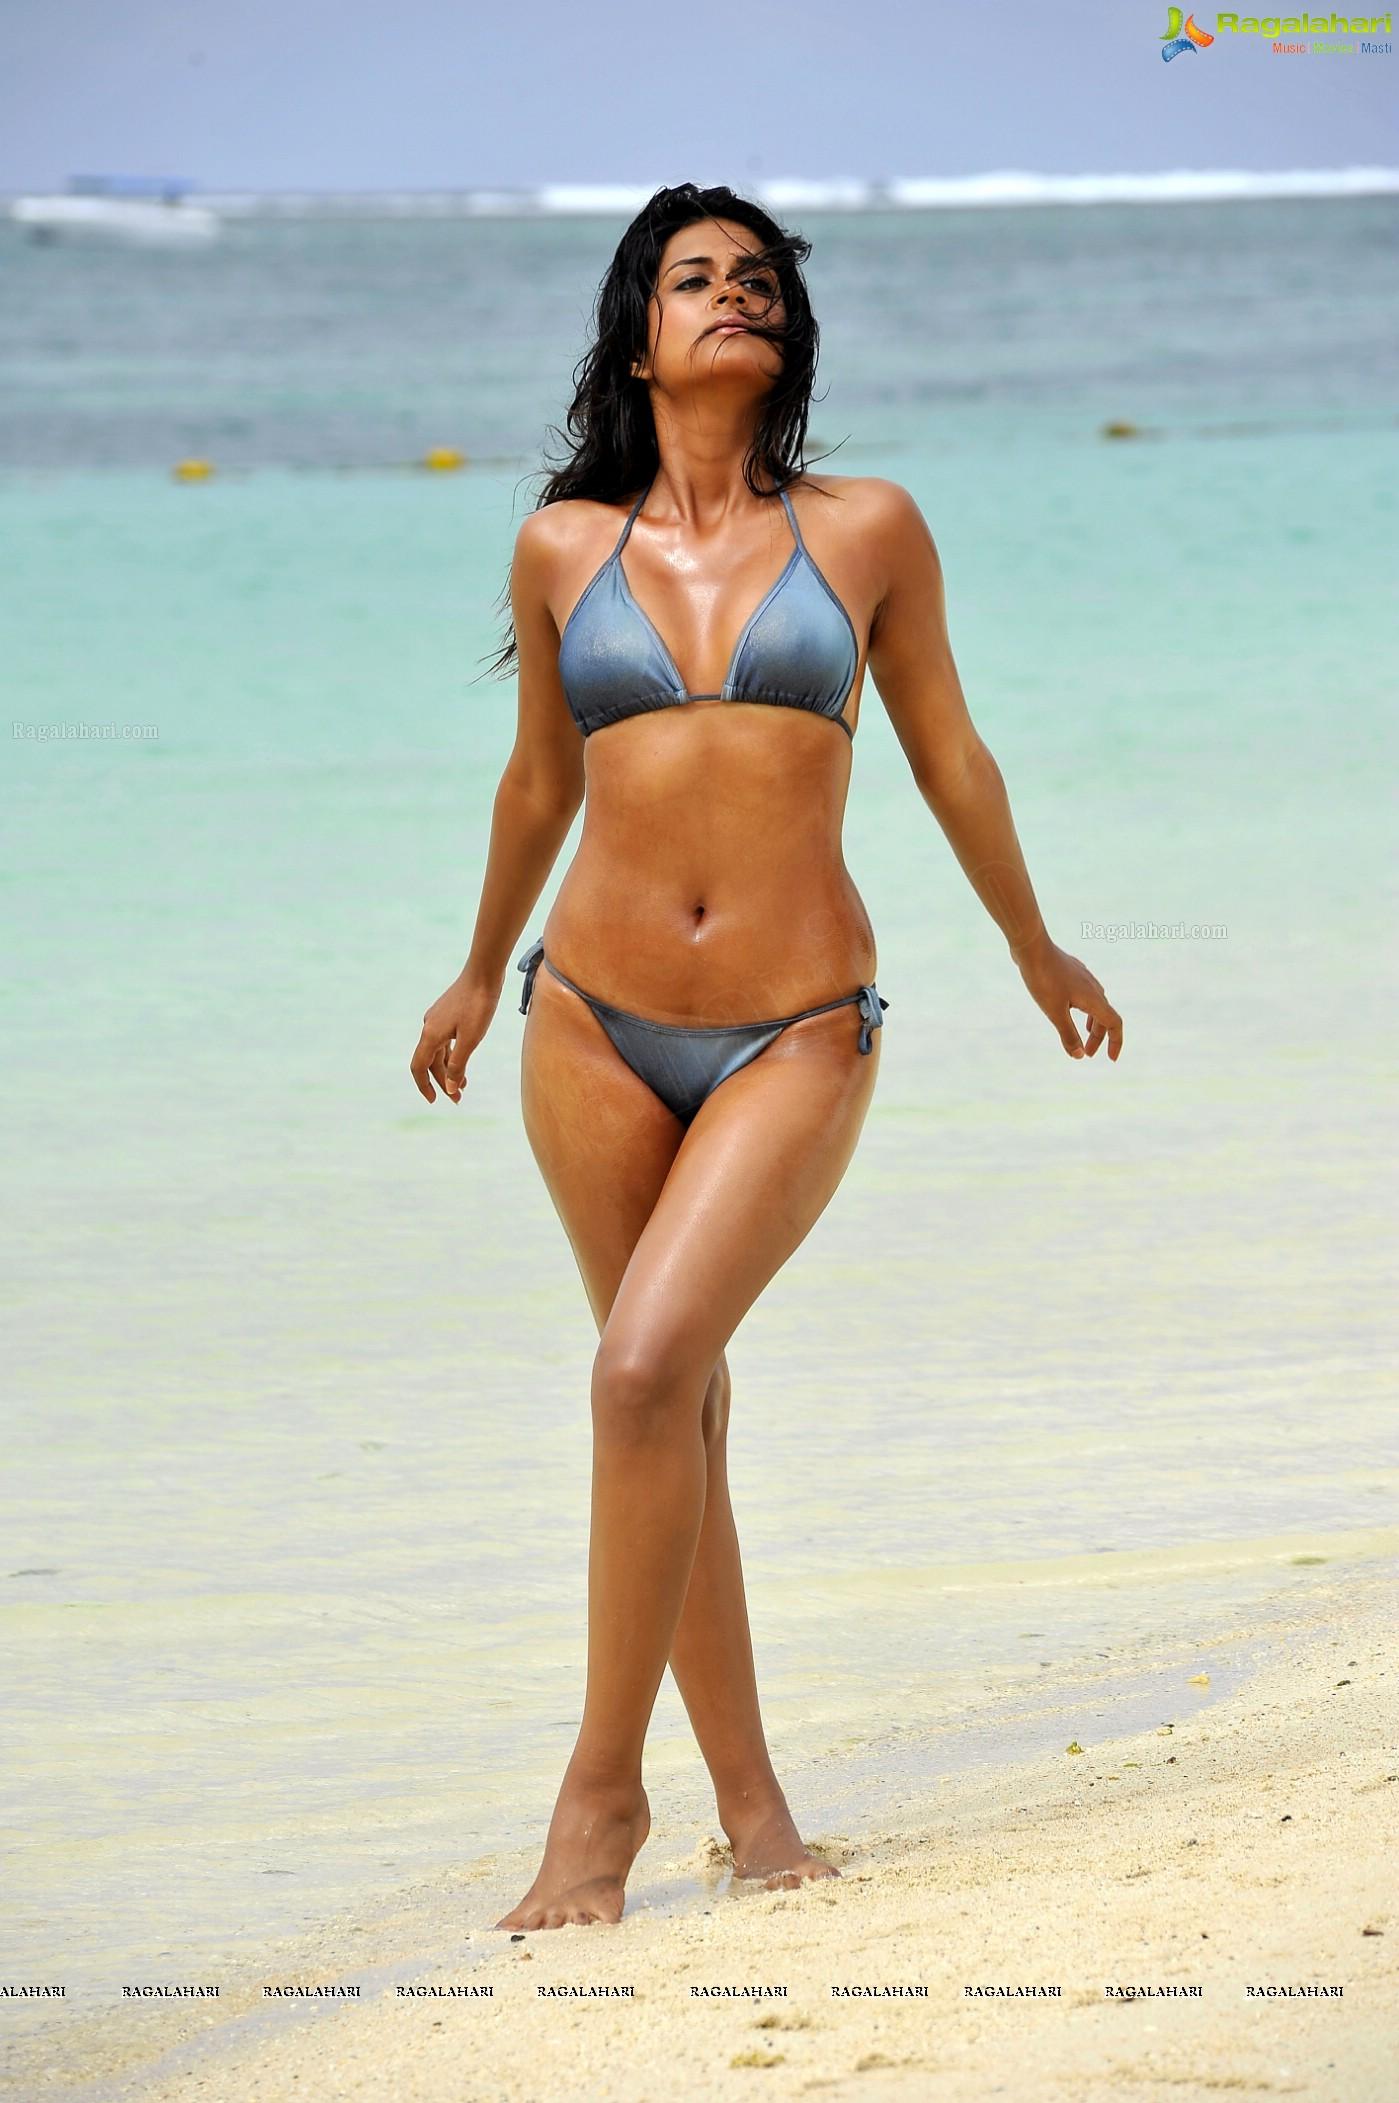 shraddha das bikini